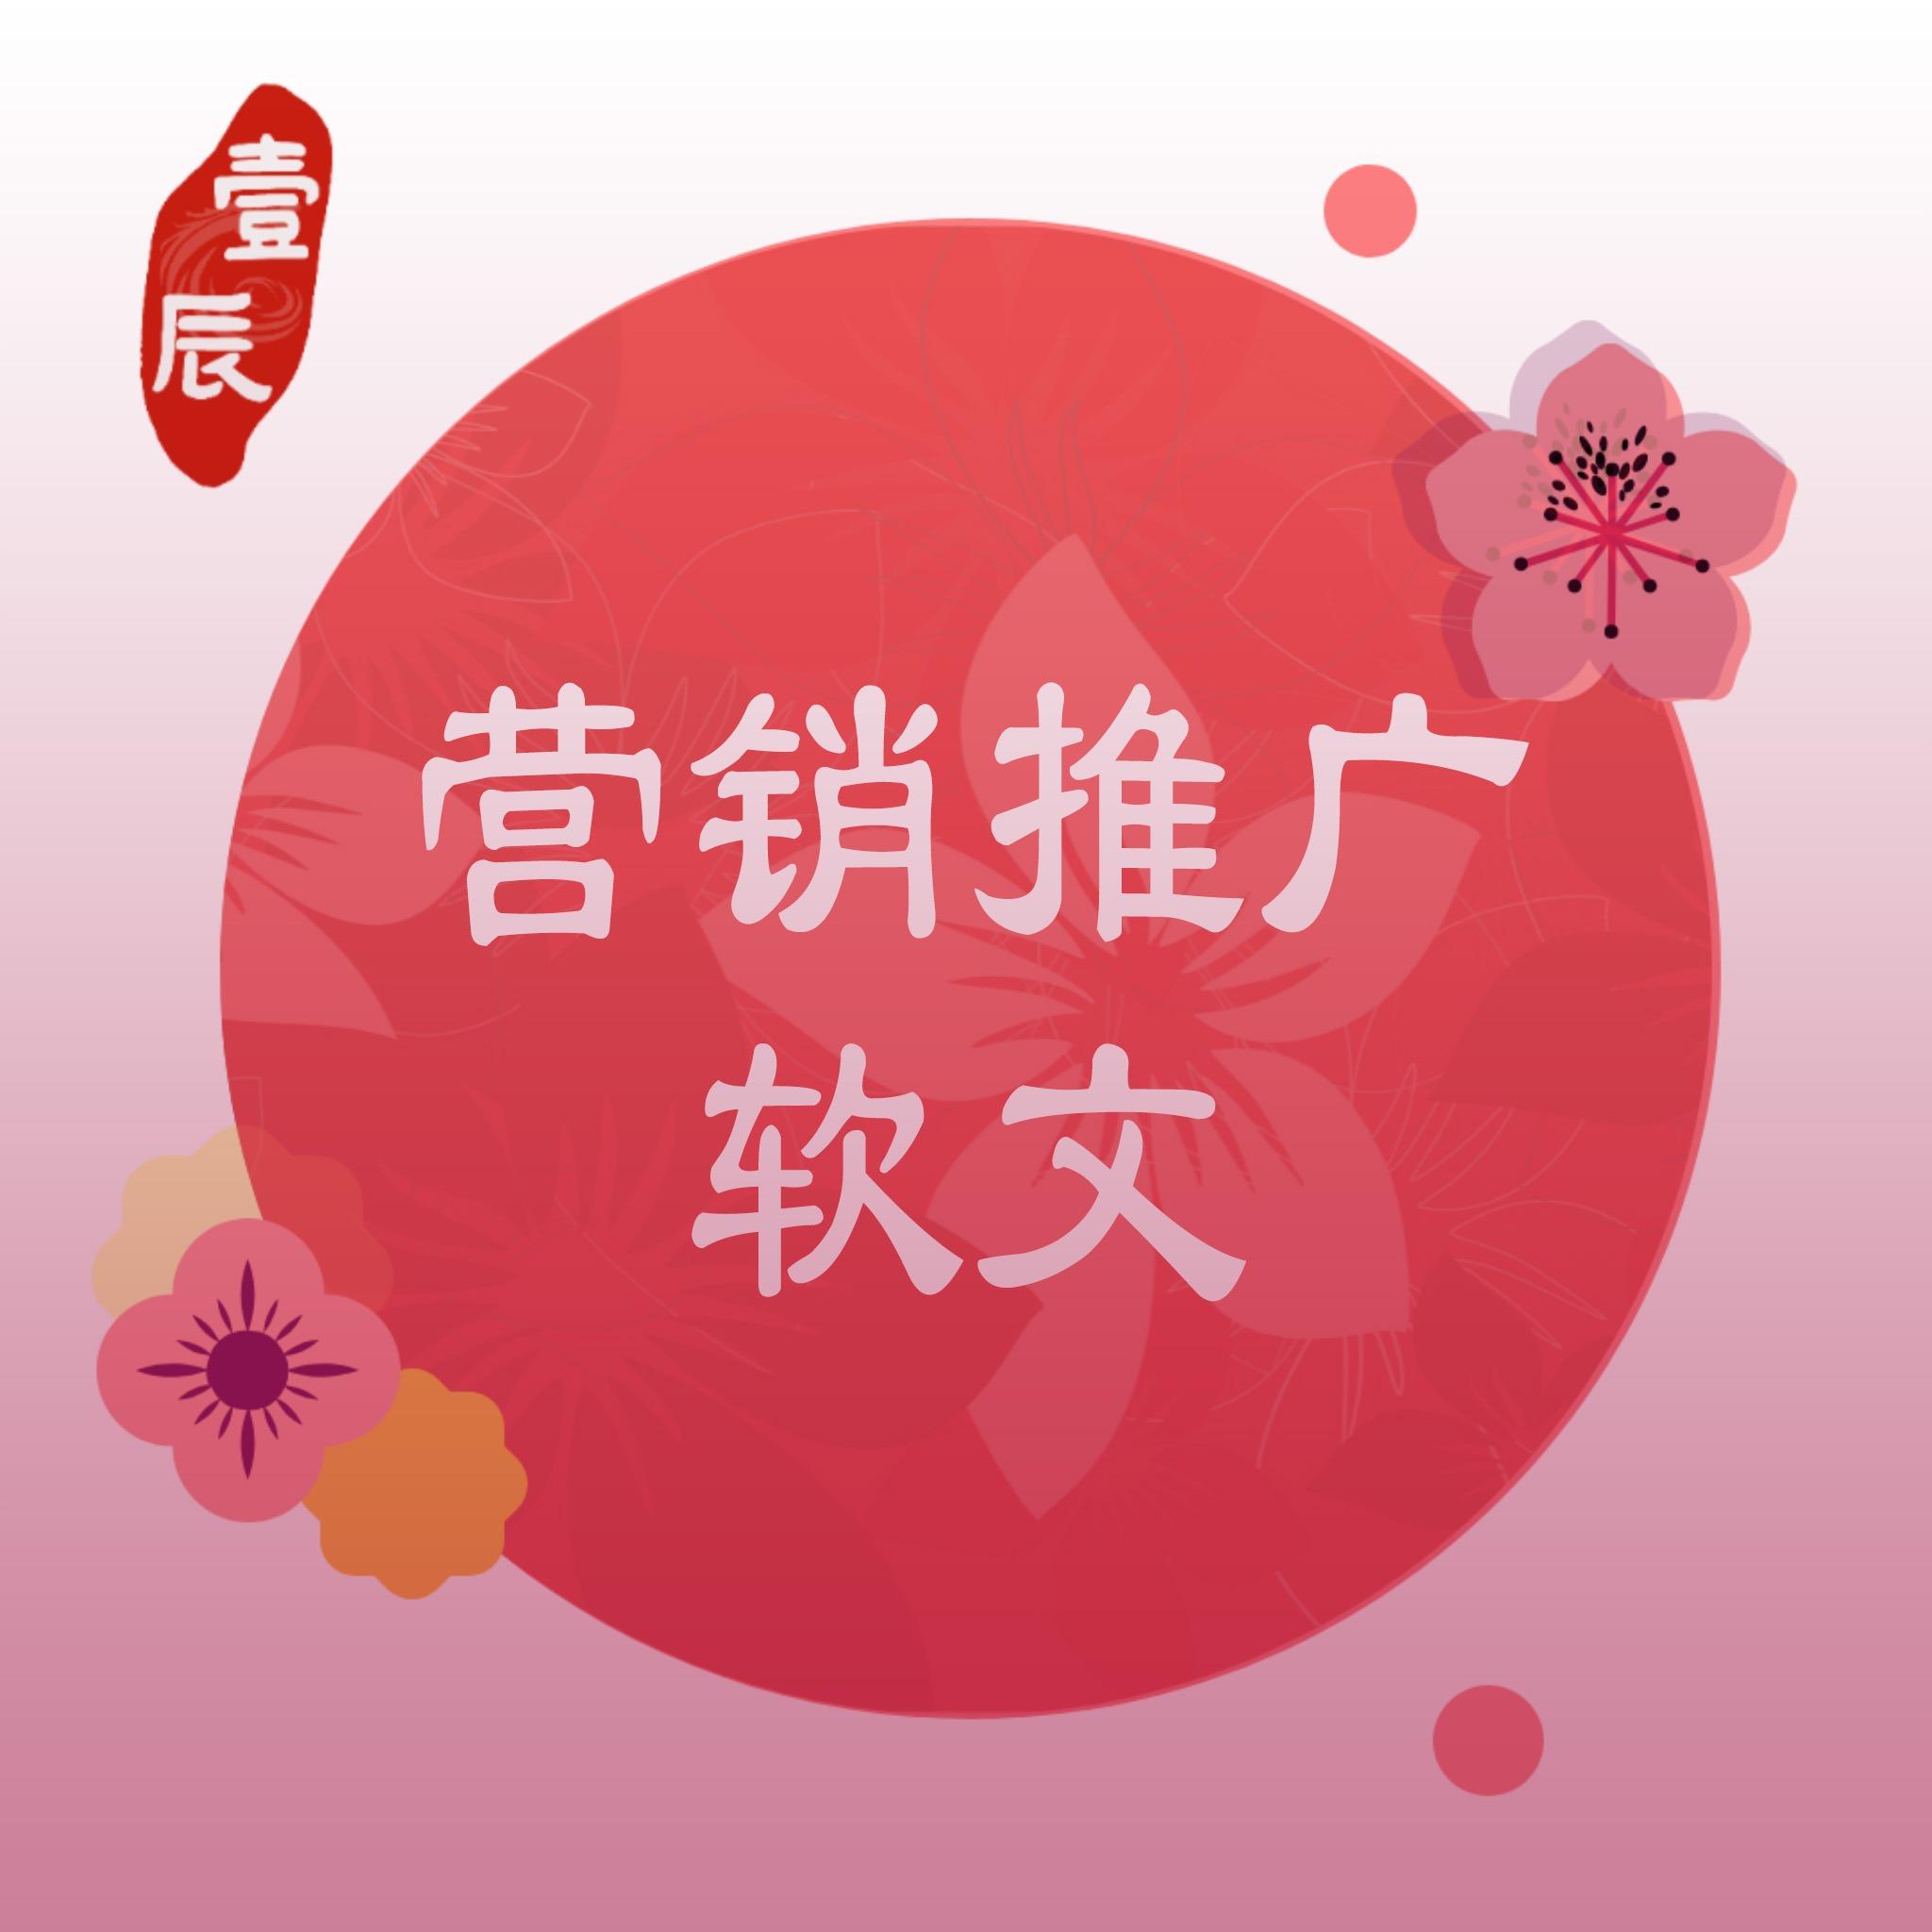 营销推广专业文案代笔润色 seo 关键词软文朋友圈广告段子宣传语